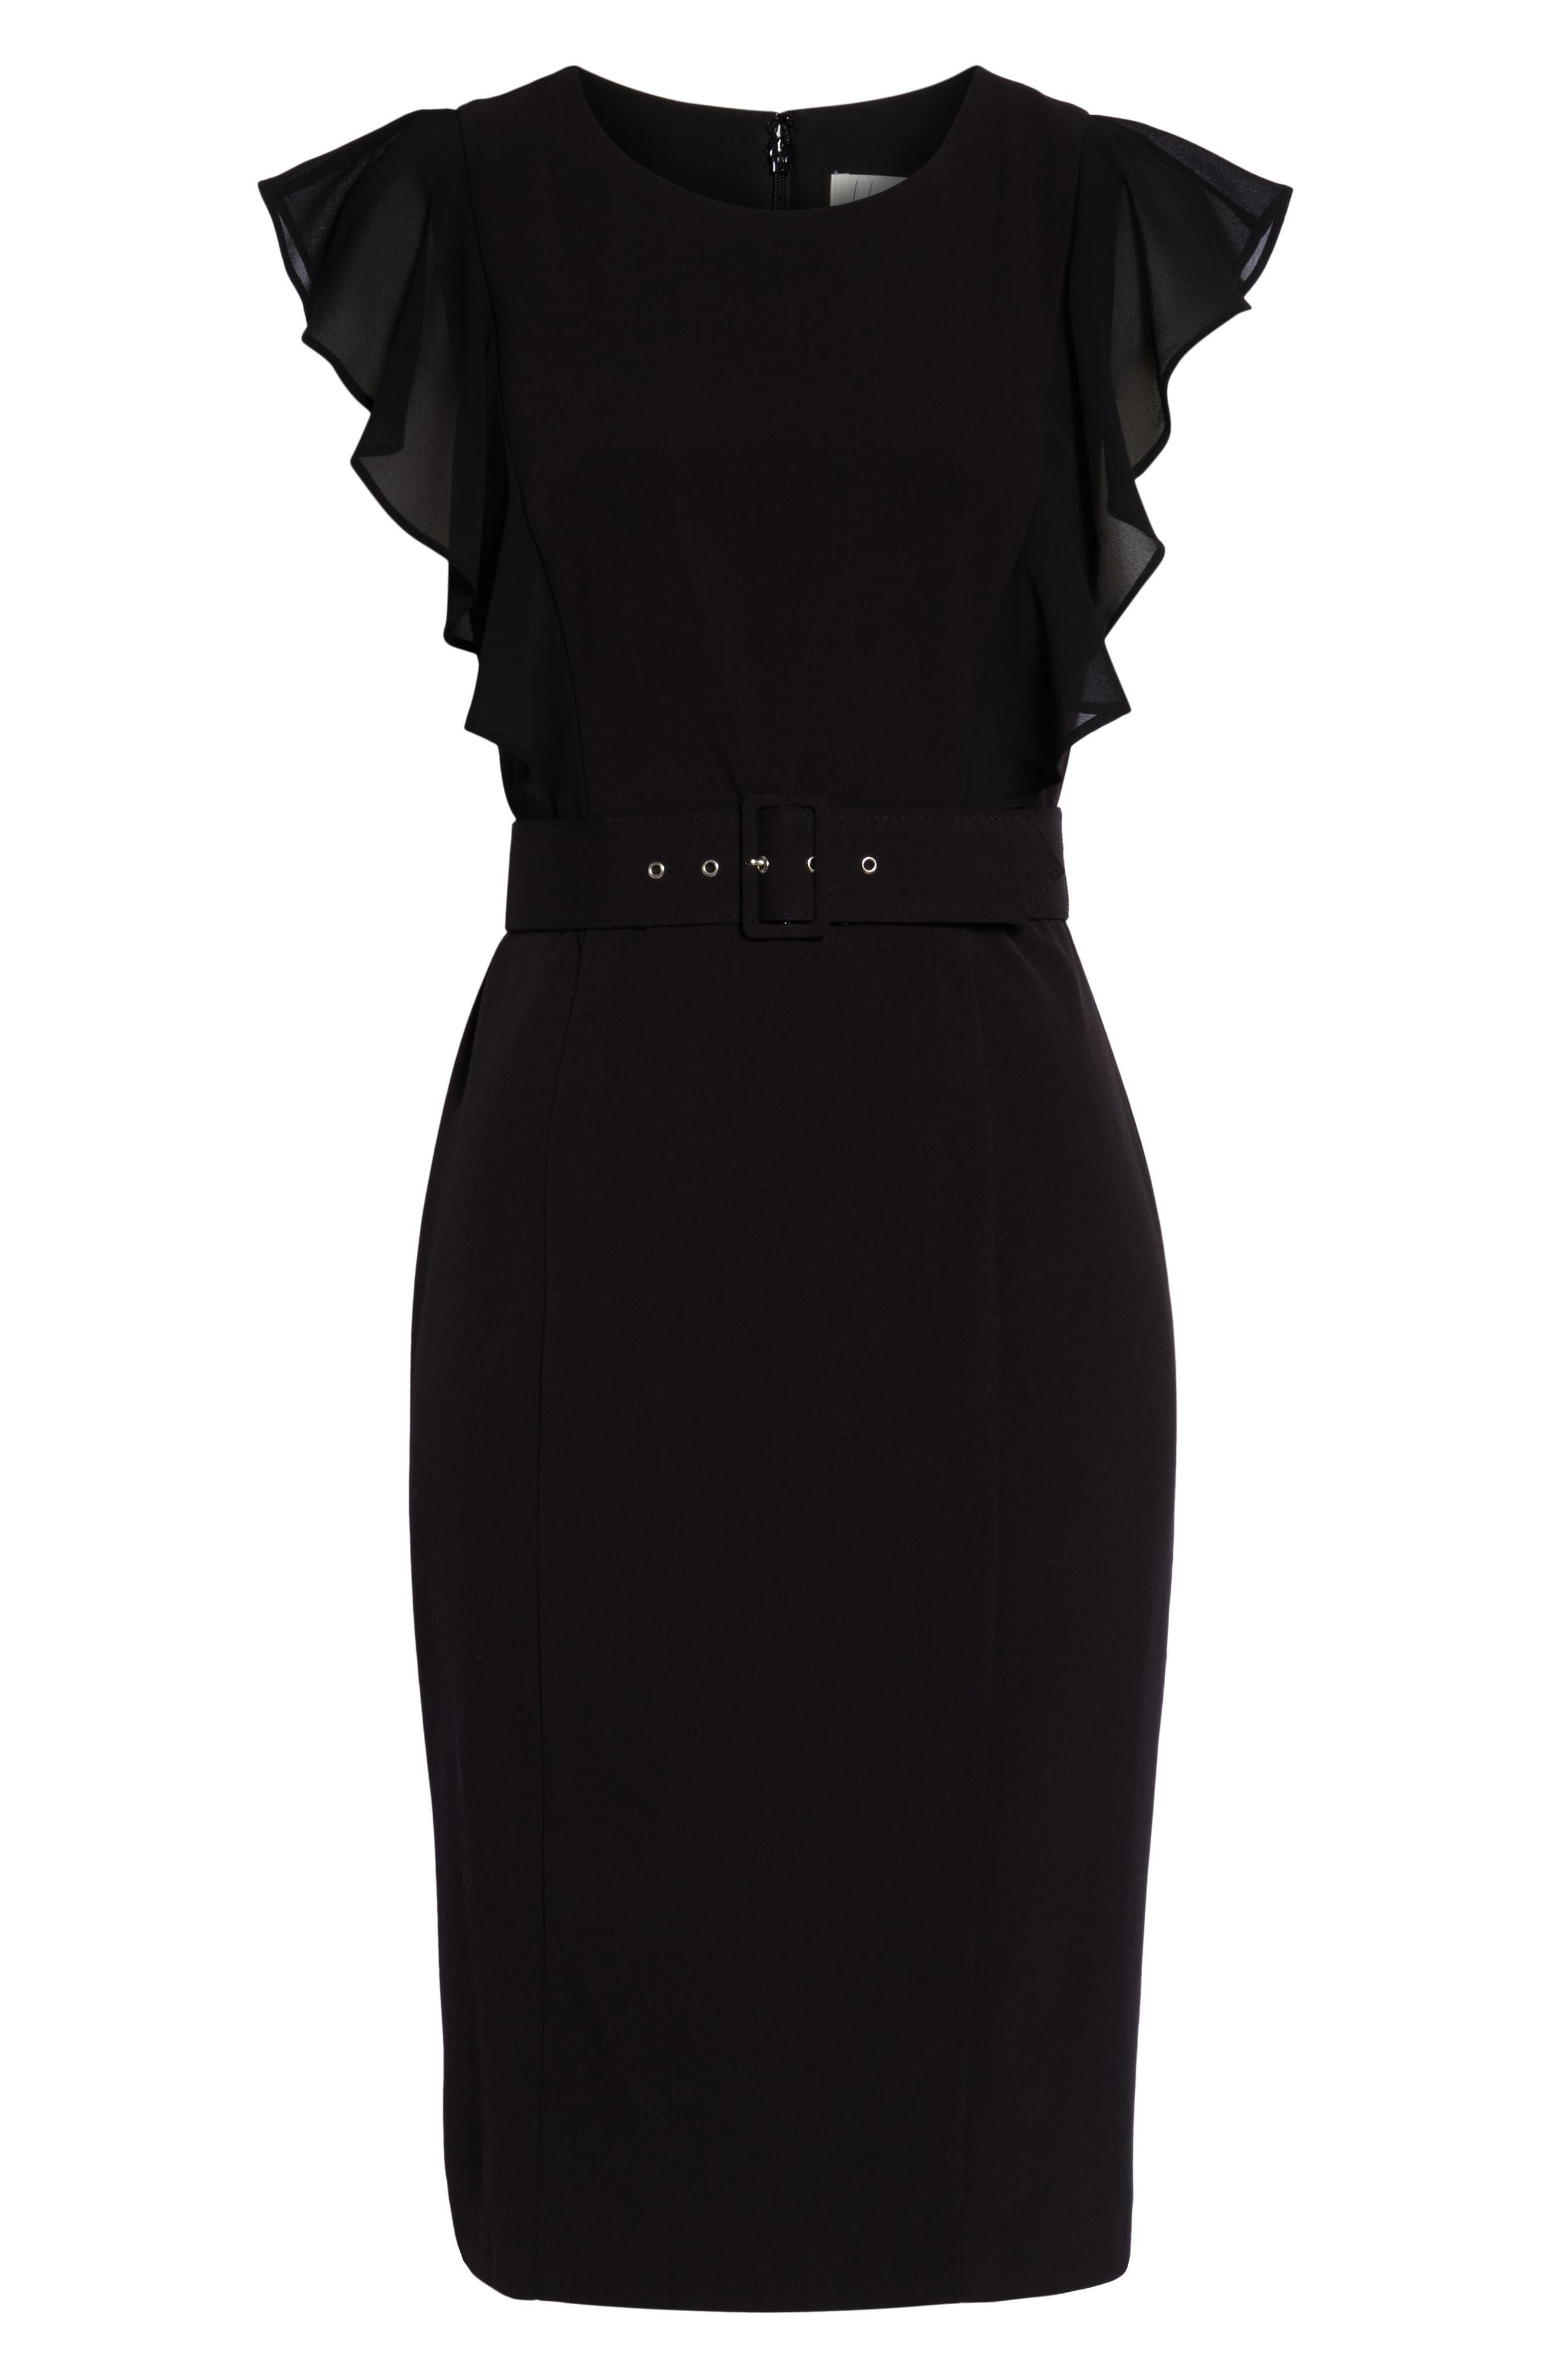 HARPER ROSE, Belted Sheath Dress, Alternate thumbnail 8, color, 001